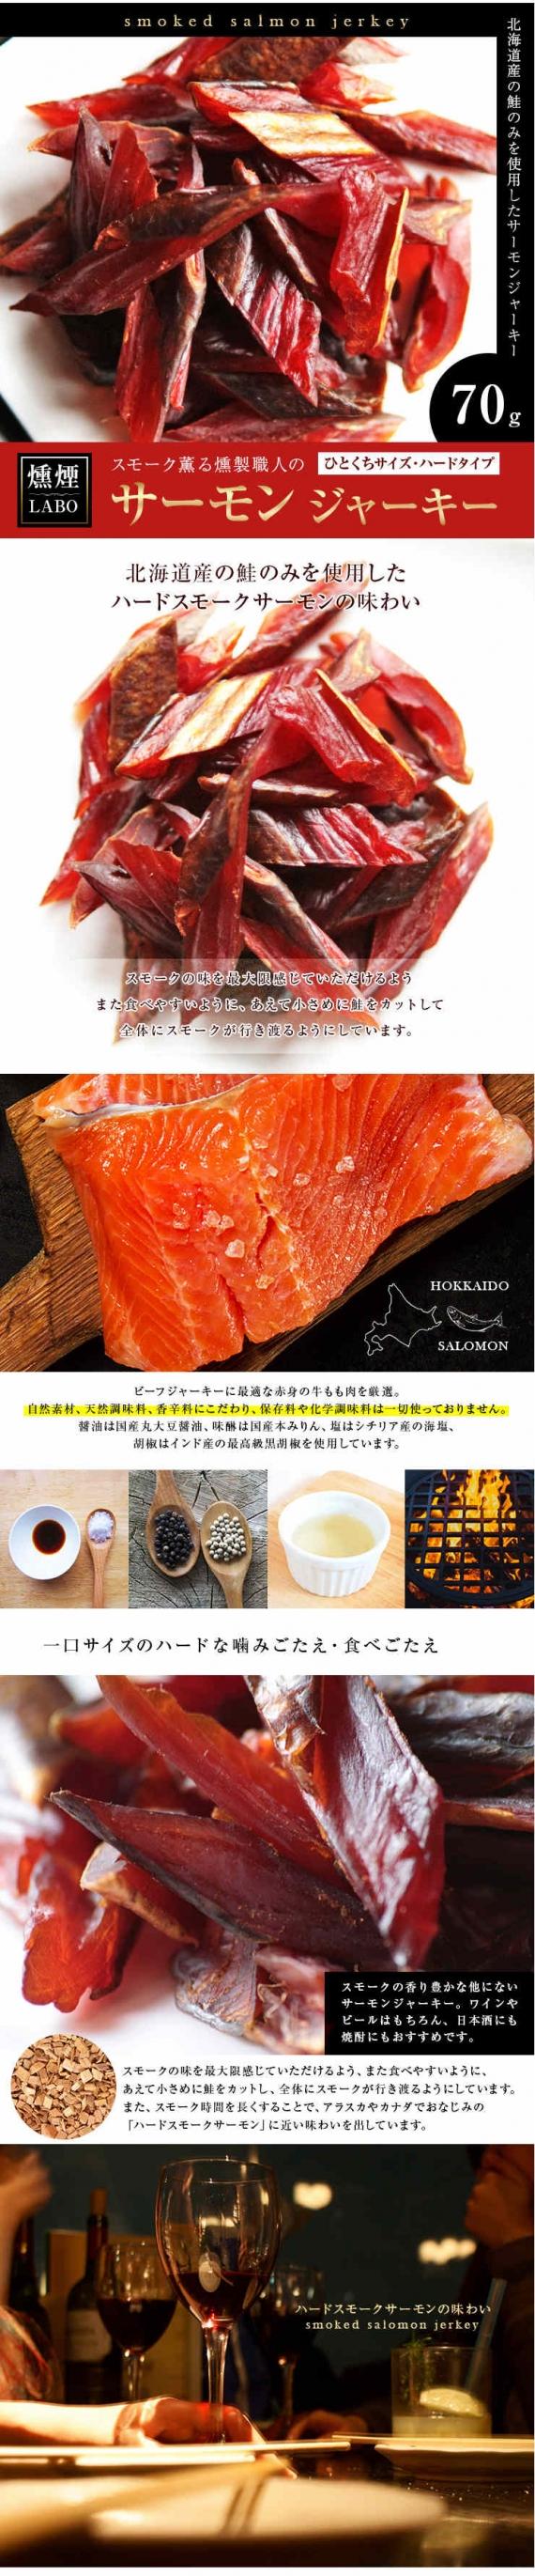 お魚のおつまみ サーモンジャーキー (鮭とば/jerky/スモークジャーキー/鮭の燻製) 70g 国産 乾燥肉 干し肉 お試し お取り寄せ グルメ 絶品 珍味 常温保存も可能 珍味のお試し・おためしに 簡易